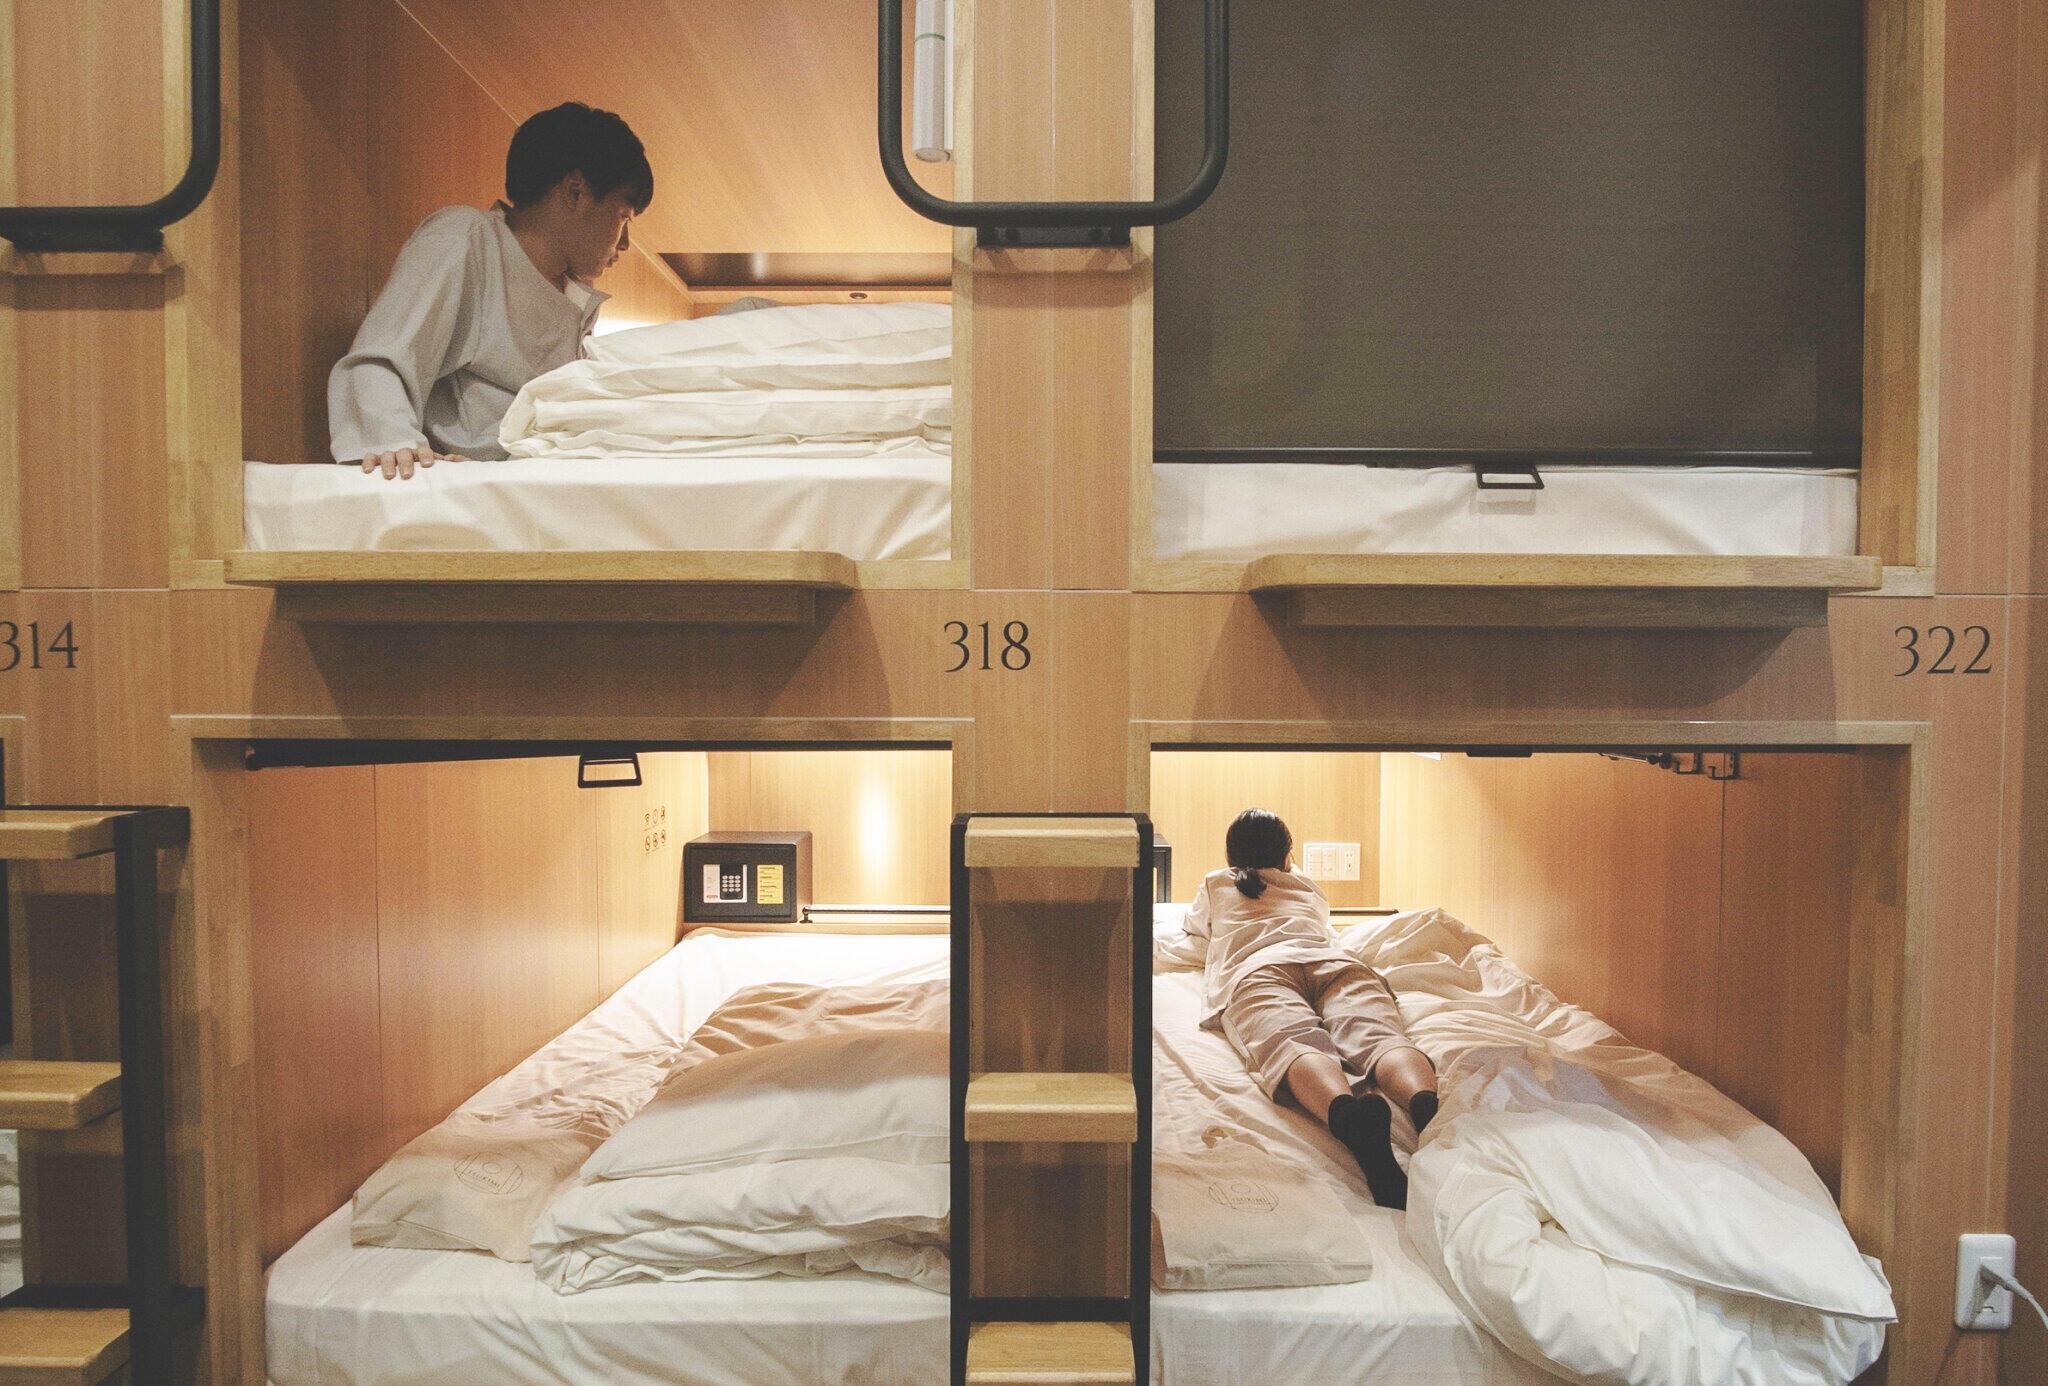 冬のコロナ対策、京都のカプセルホテルが新幹線並み換気機能アピール